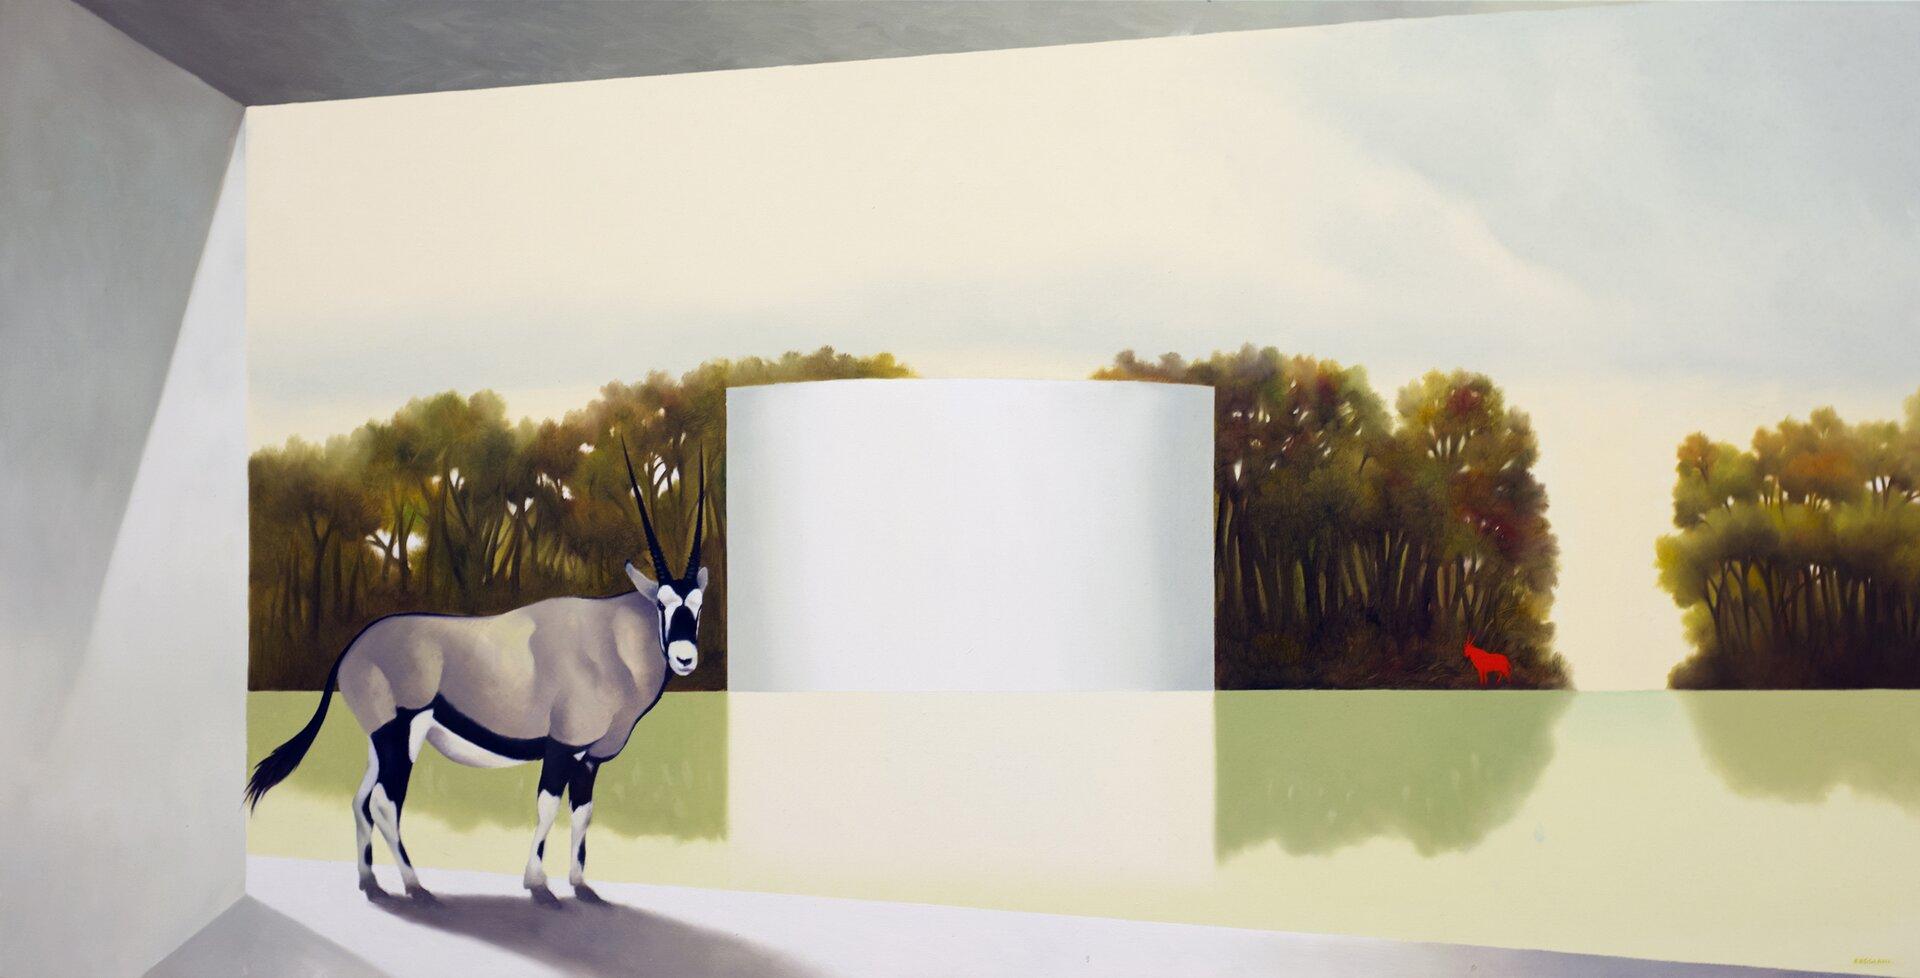 Passaggio dell'incontro - Olio su tela, 60x120 cm, 2019